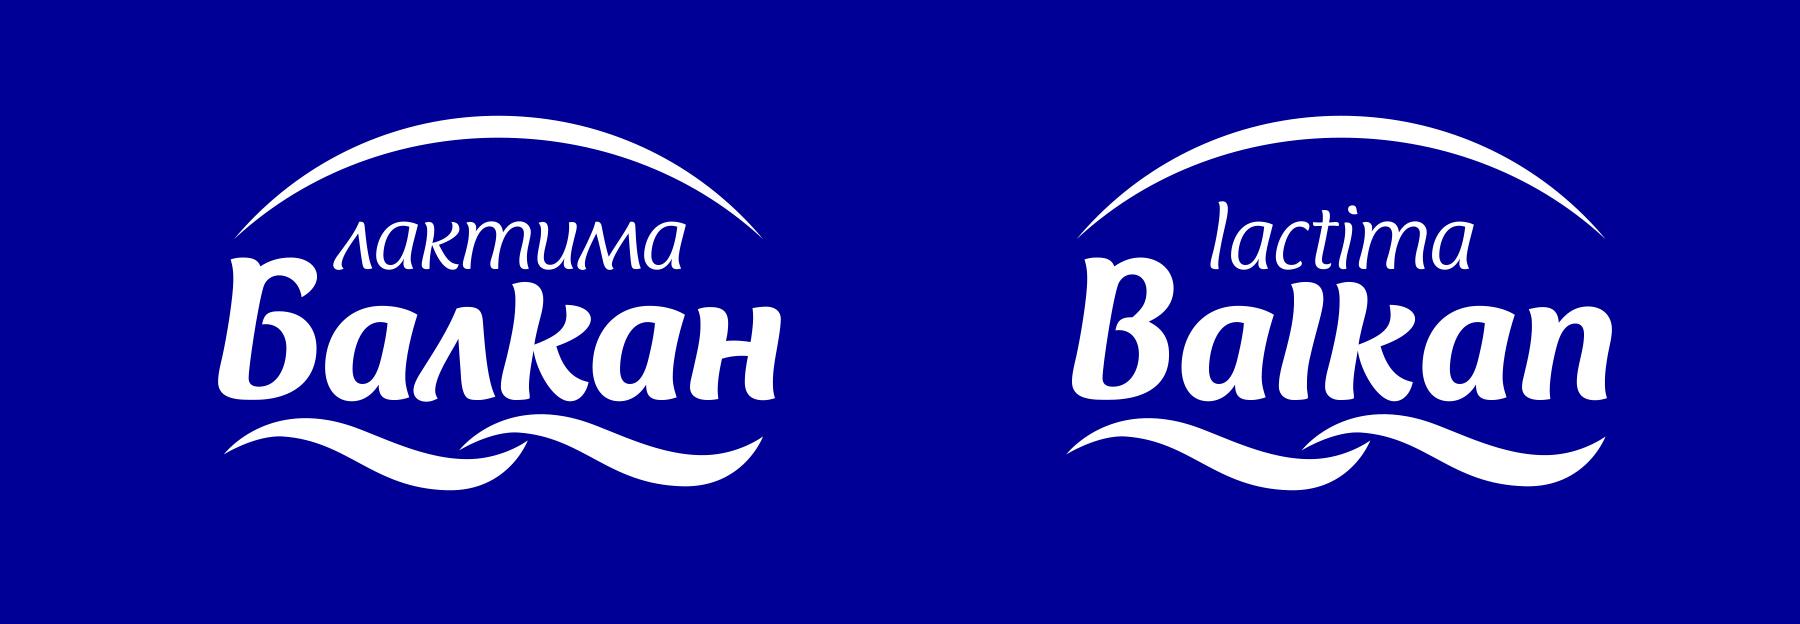 Латиница и кирилица.